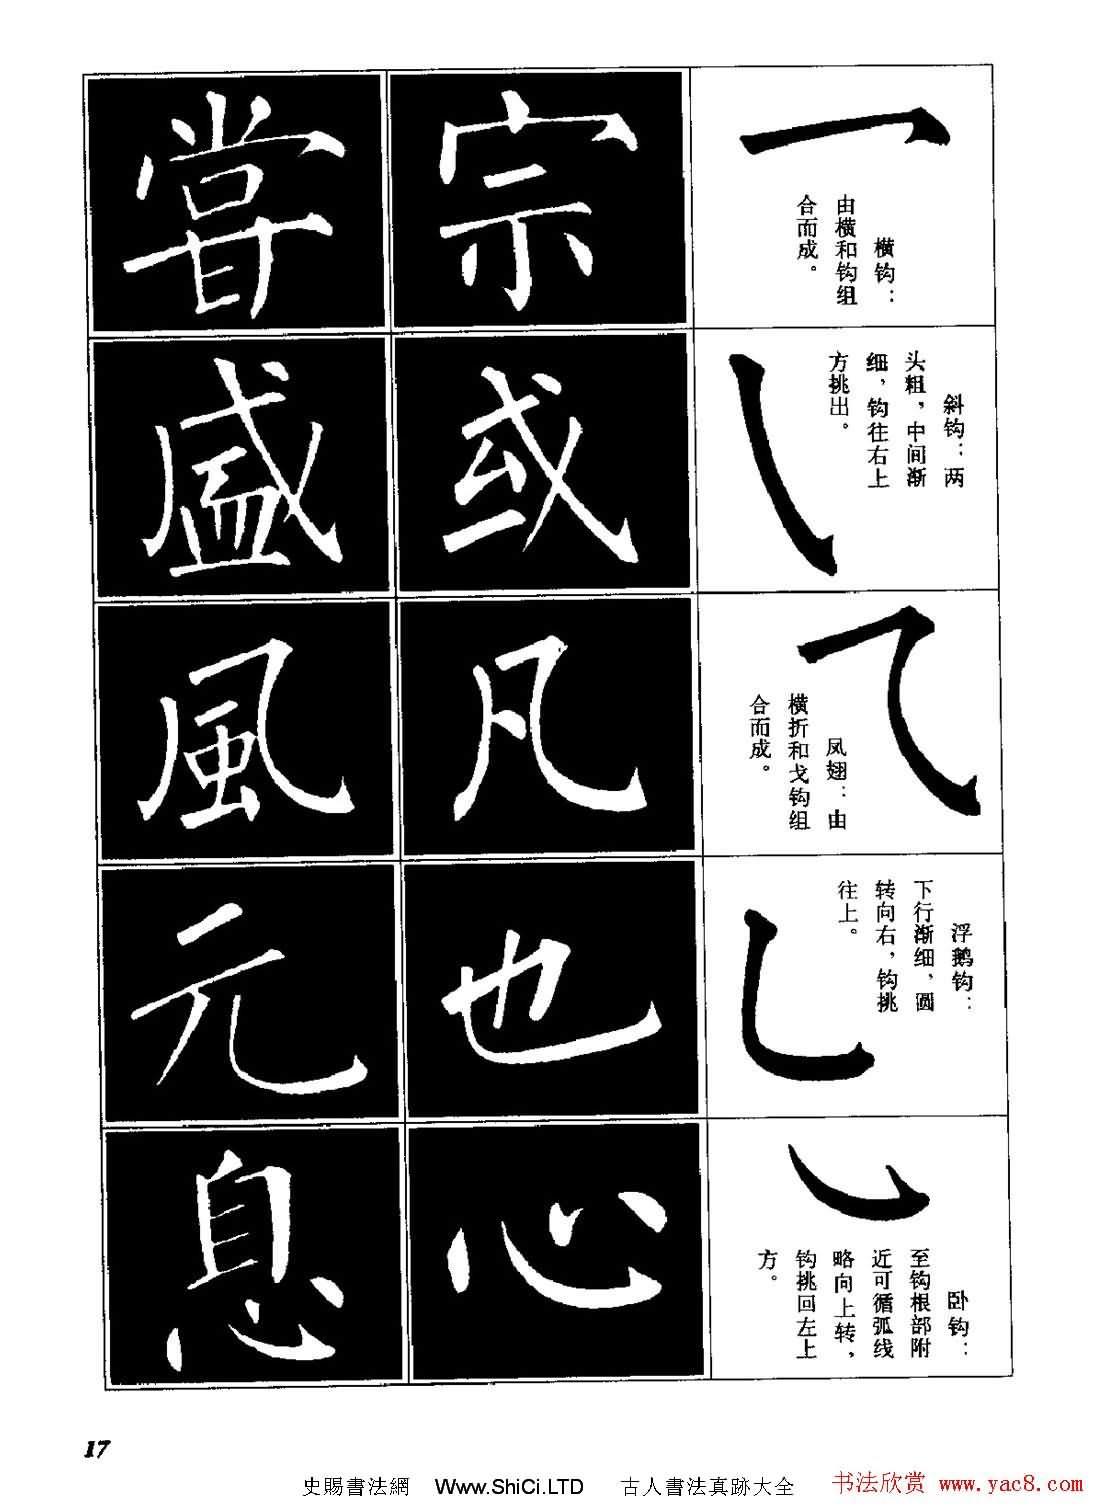 字帖《柳體楷書臨習字譜》高清大圖